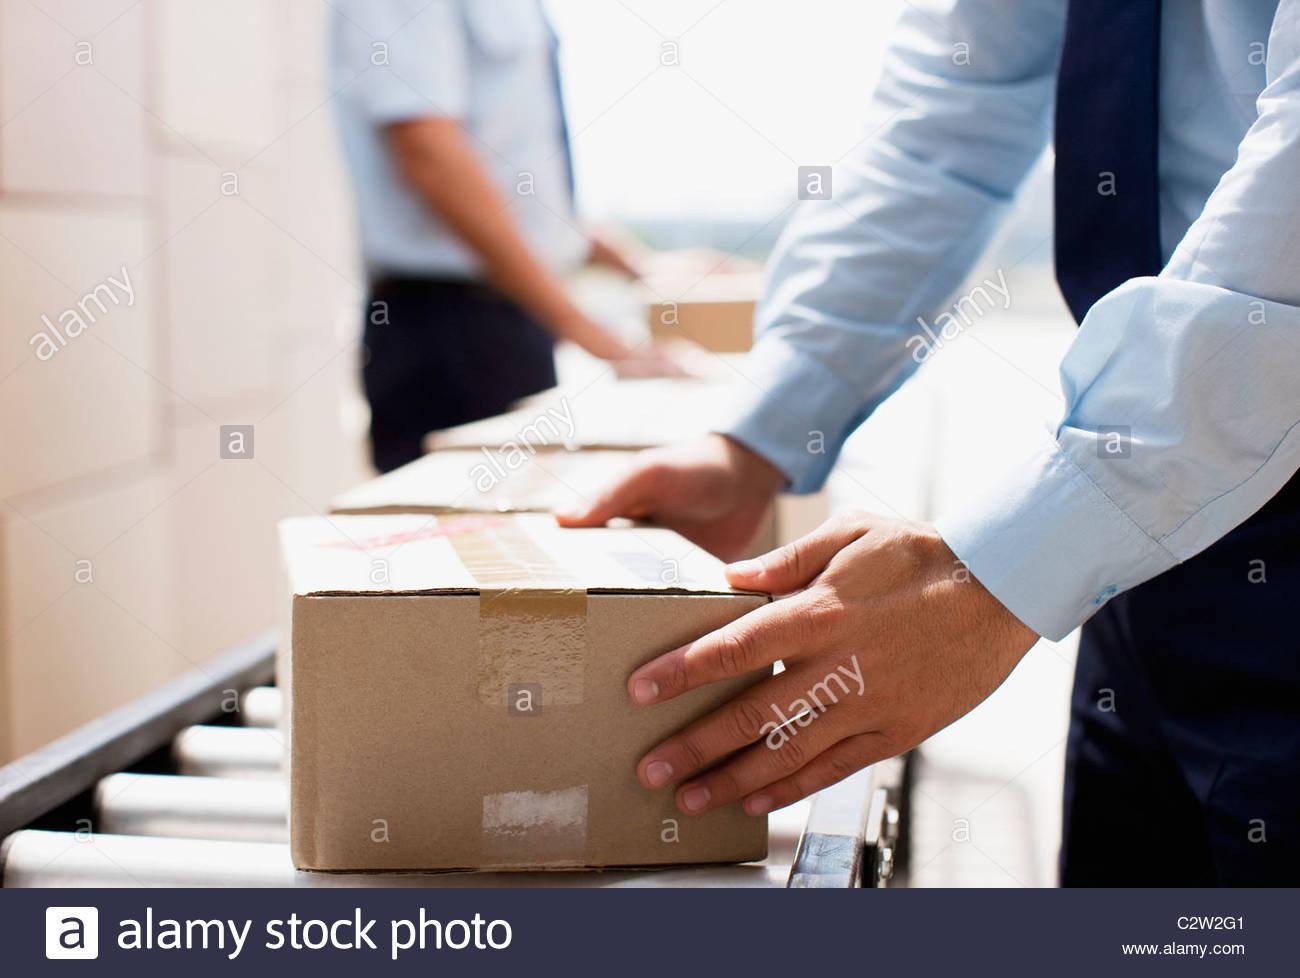 Trabajador que caja desde la cinta transportadora en la zona de envío Imagen De Stock